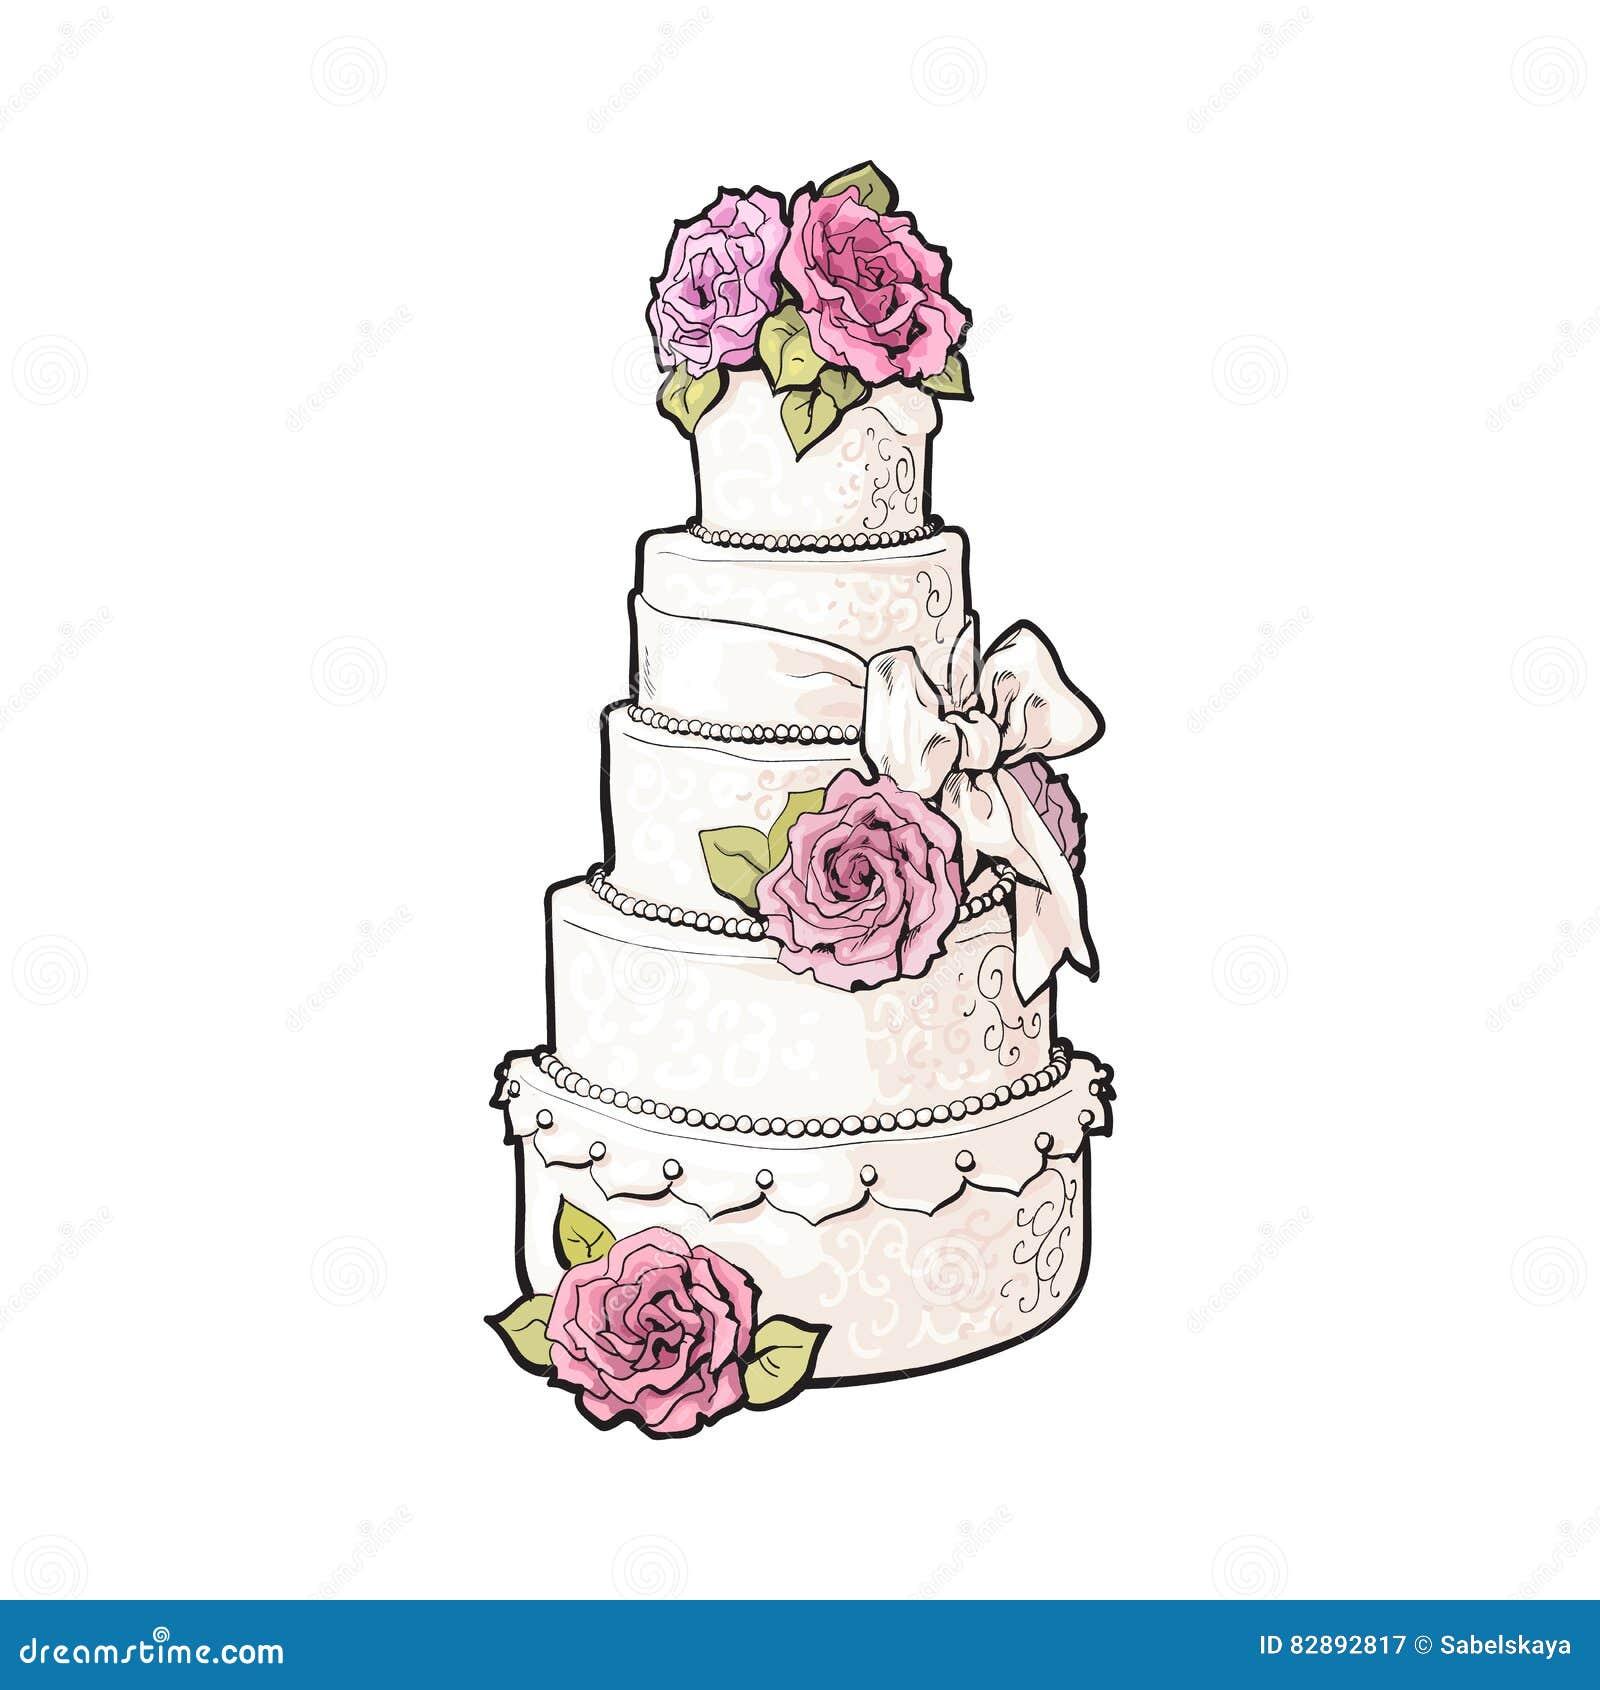 Traditionelle Weisse Abgestufte Hochzeitstorte Verziert Mit Rosa